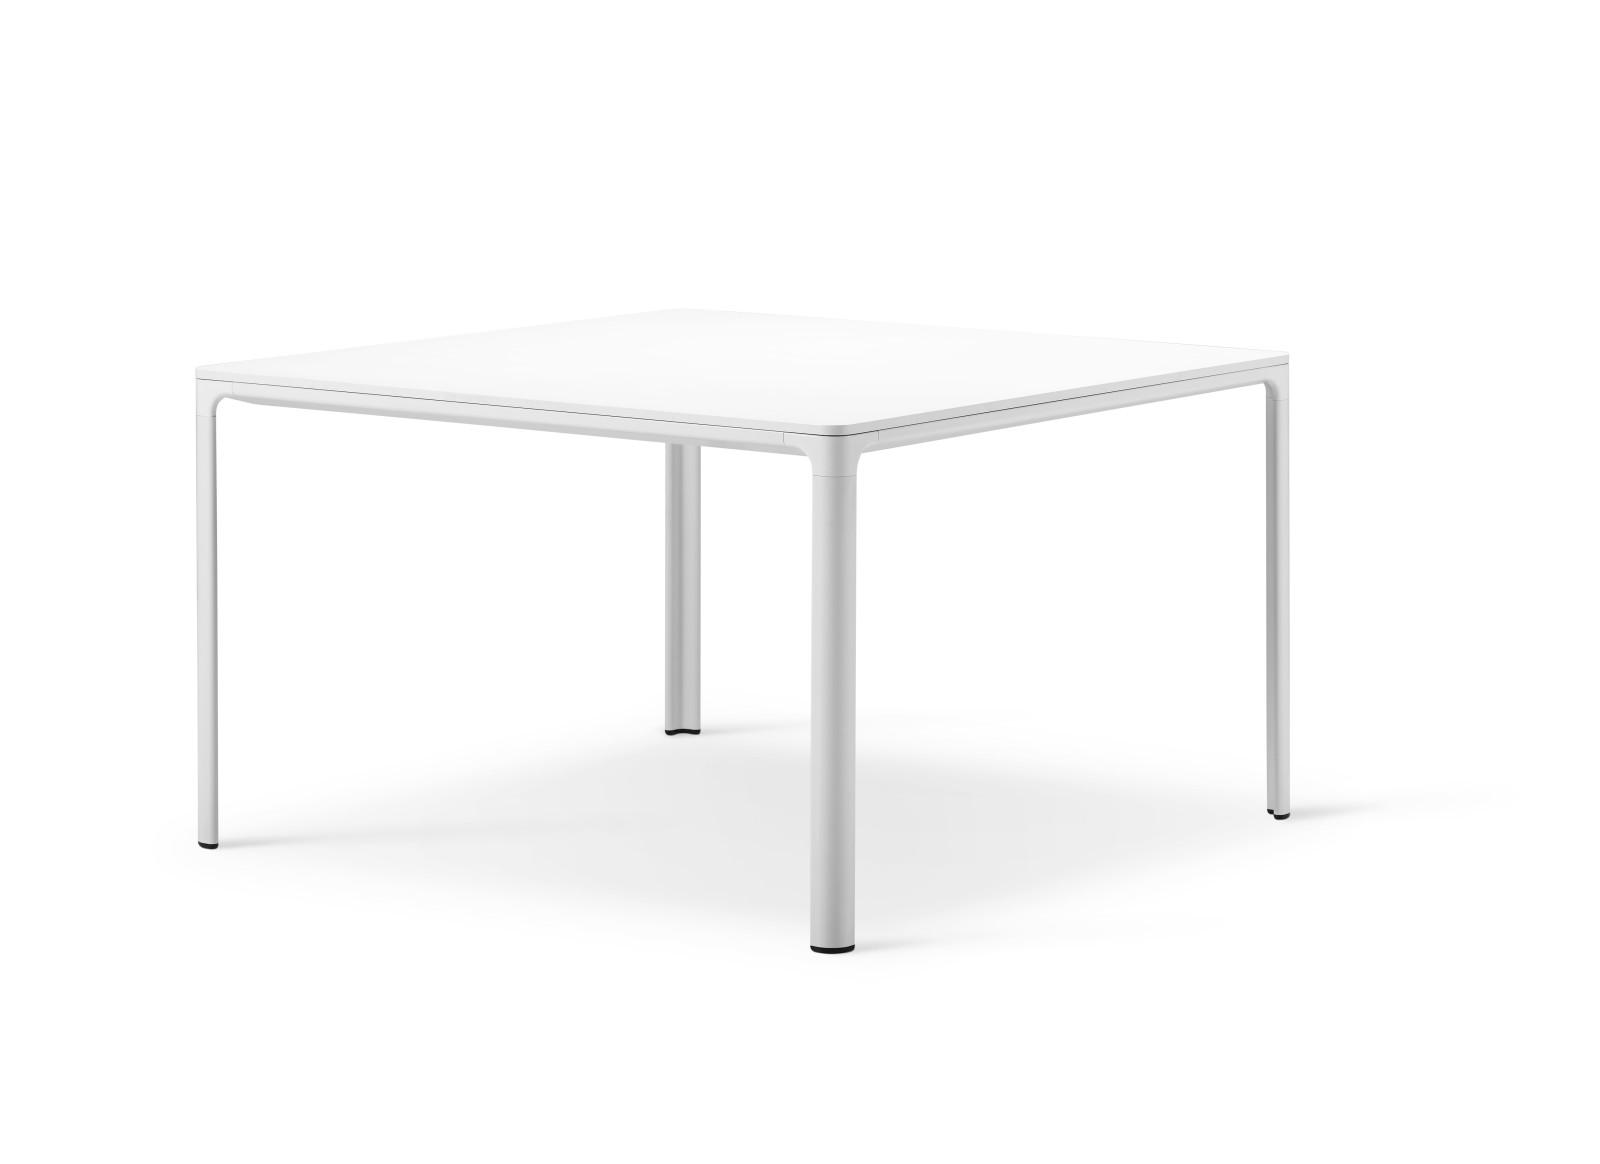 Mesa table Black linoleum, White painted aluminum, 120 x 120 x 73